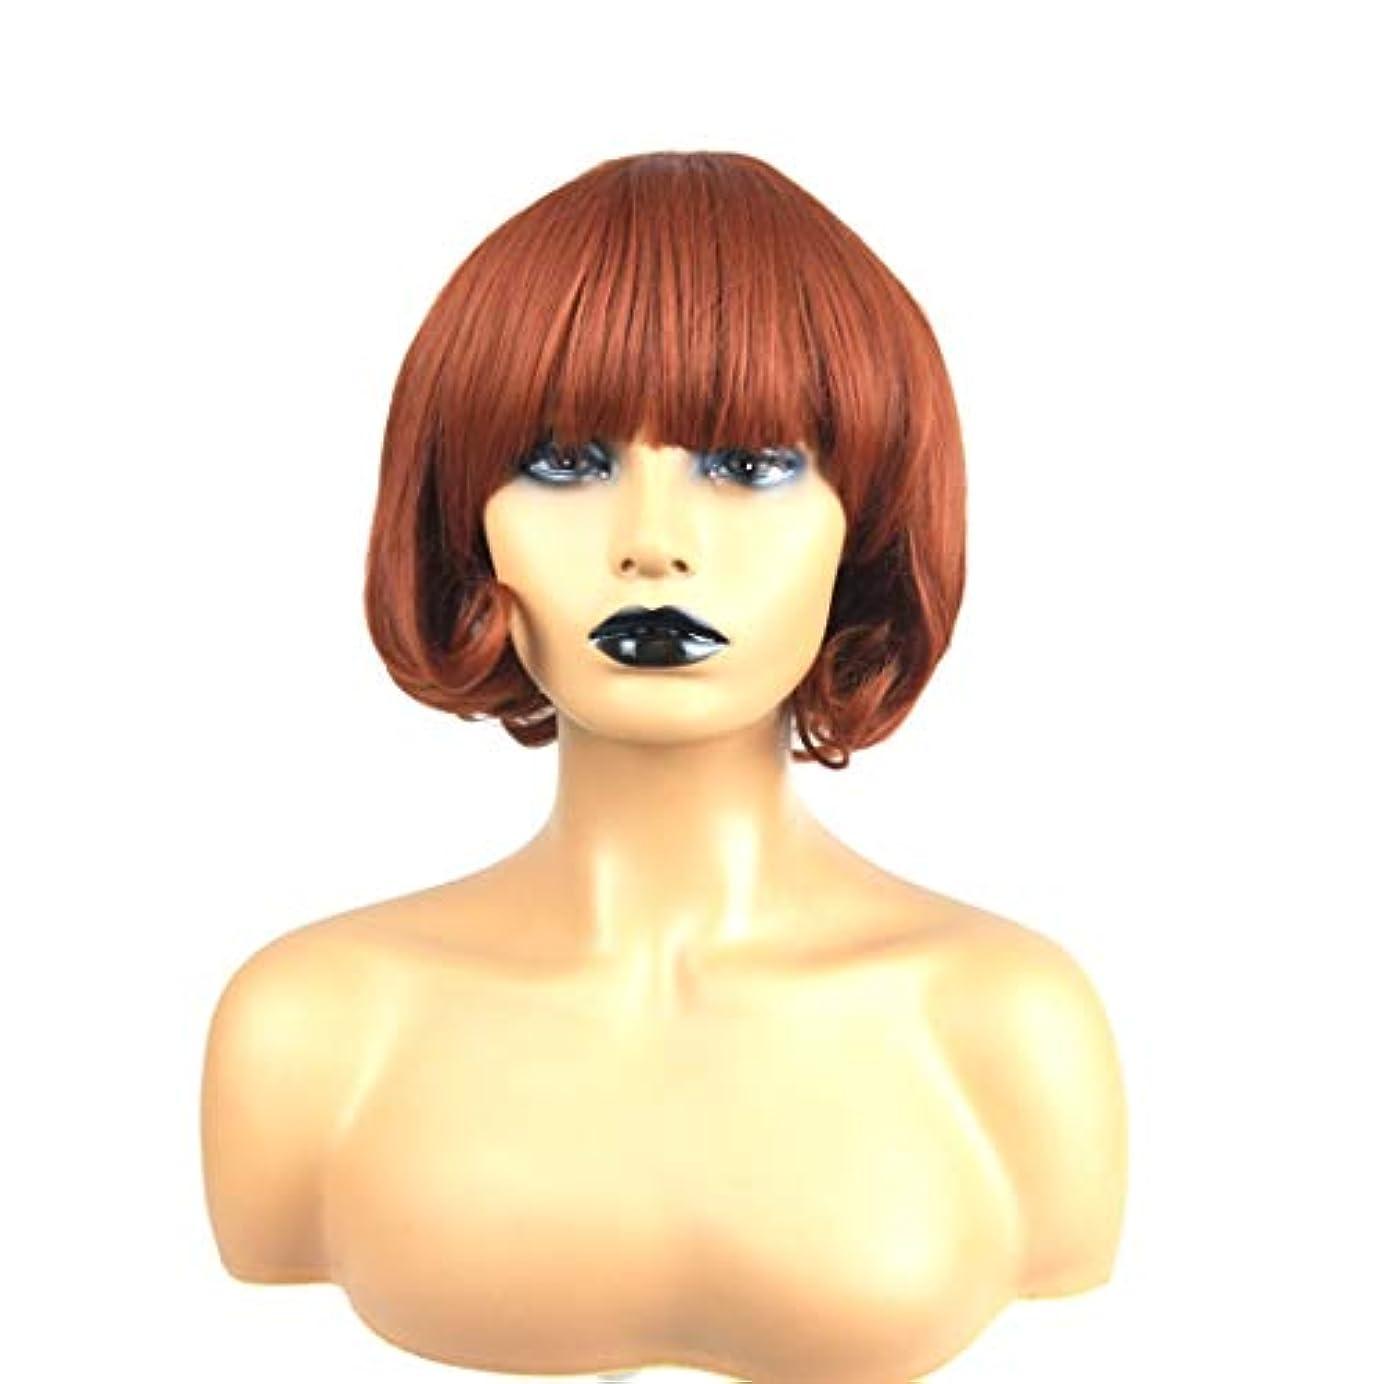 リビングルーム二層週末Kerwinner 前髪とふわふわの化学繊維高温シルクウィッグヘッドギアと茶色の短い巻き毛のかつら